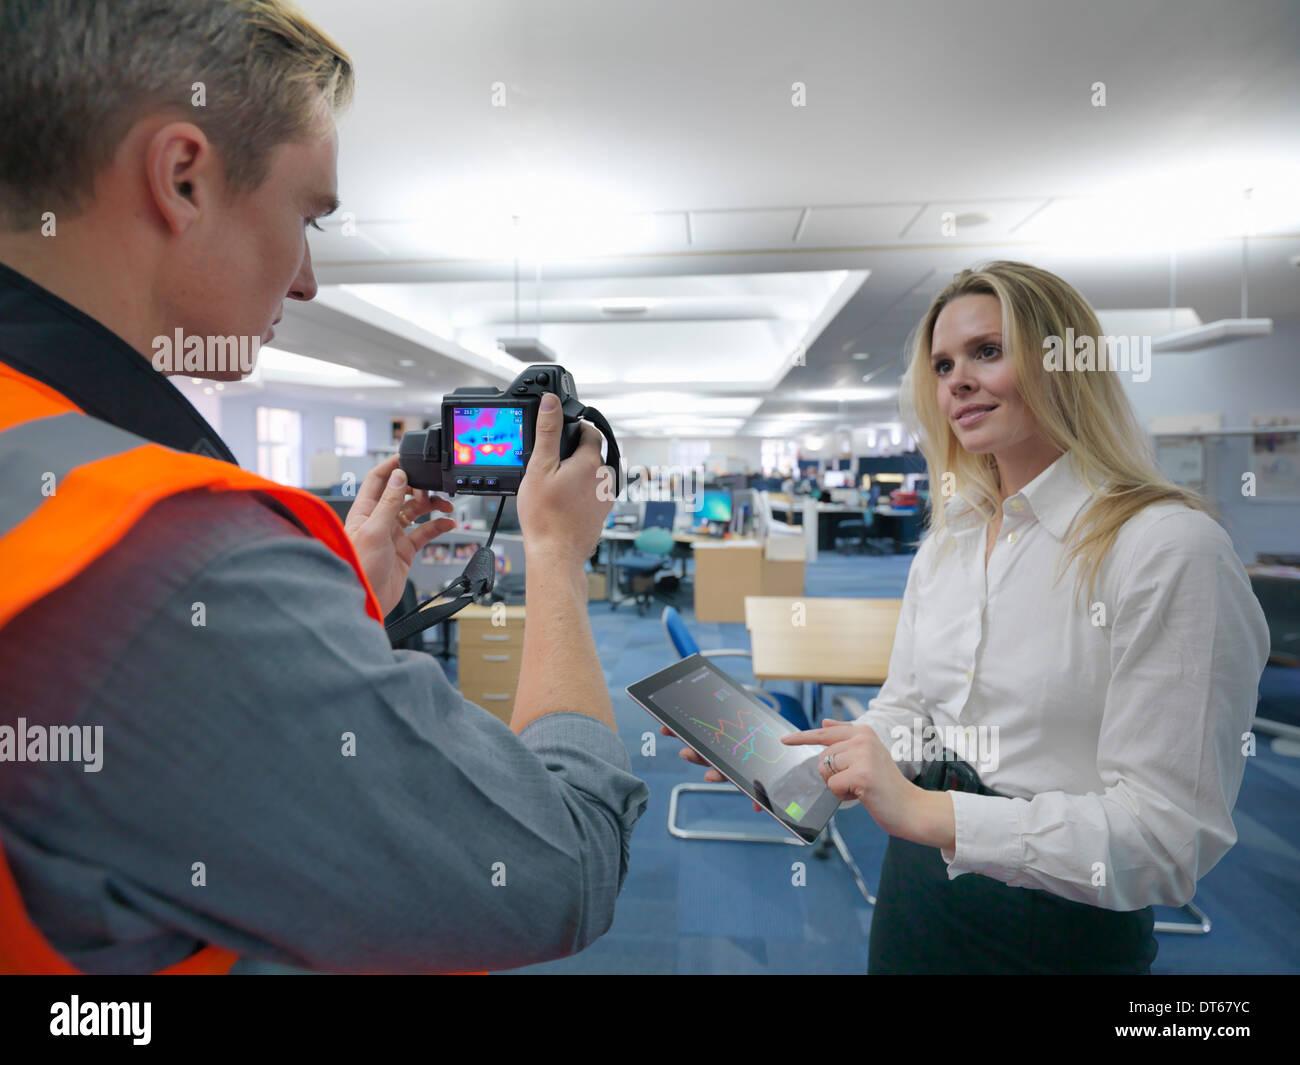 Les employés de bureau de prendre des images dans l'infrarouge thermique pour vérifier l'efficacité thermique de bureau Photo Stock